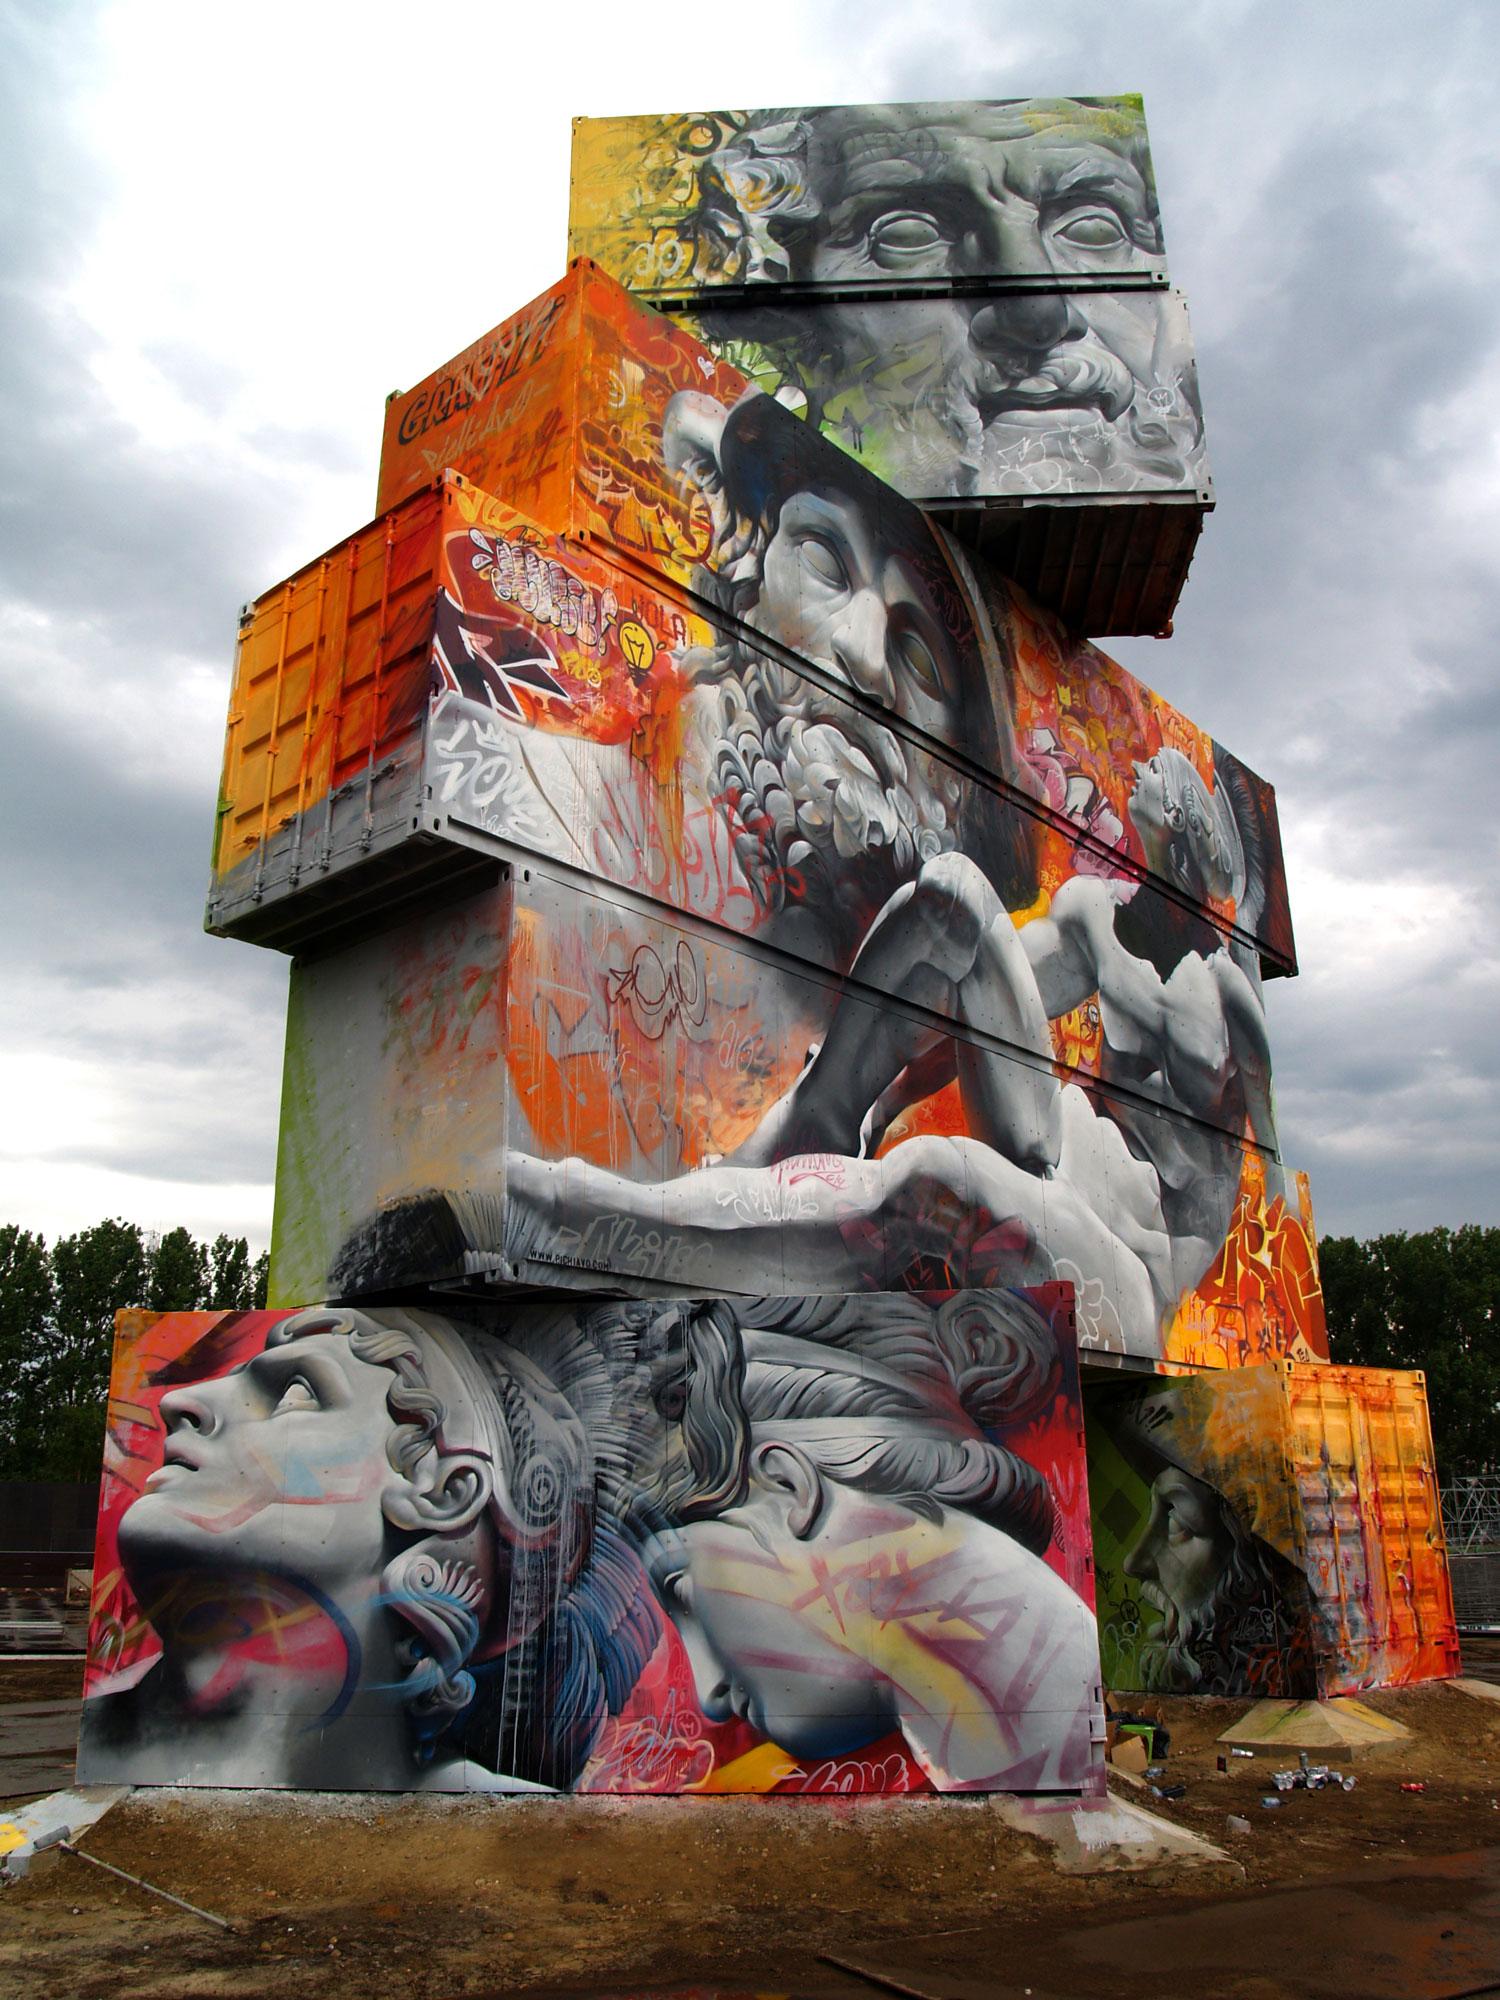 Northwest Walls Festival in Werchter - Belgium